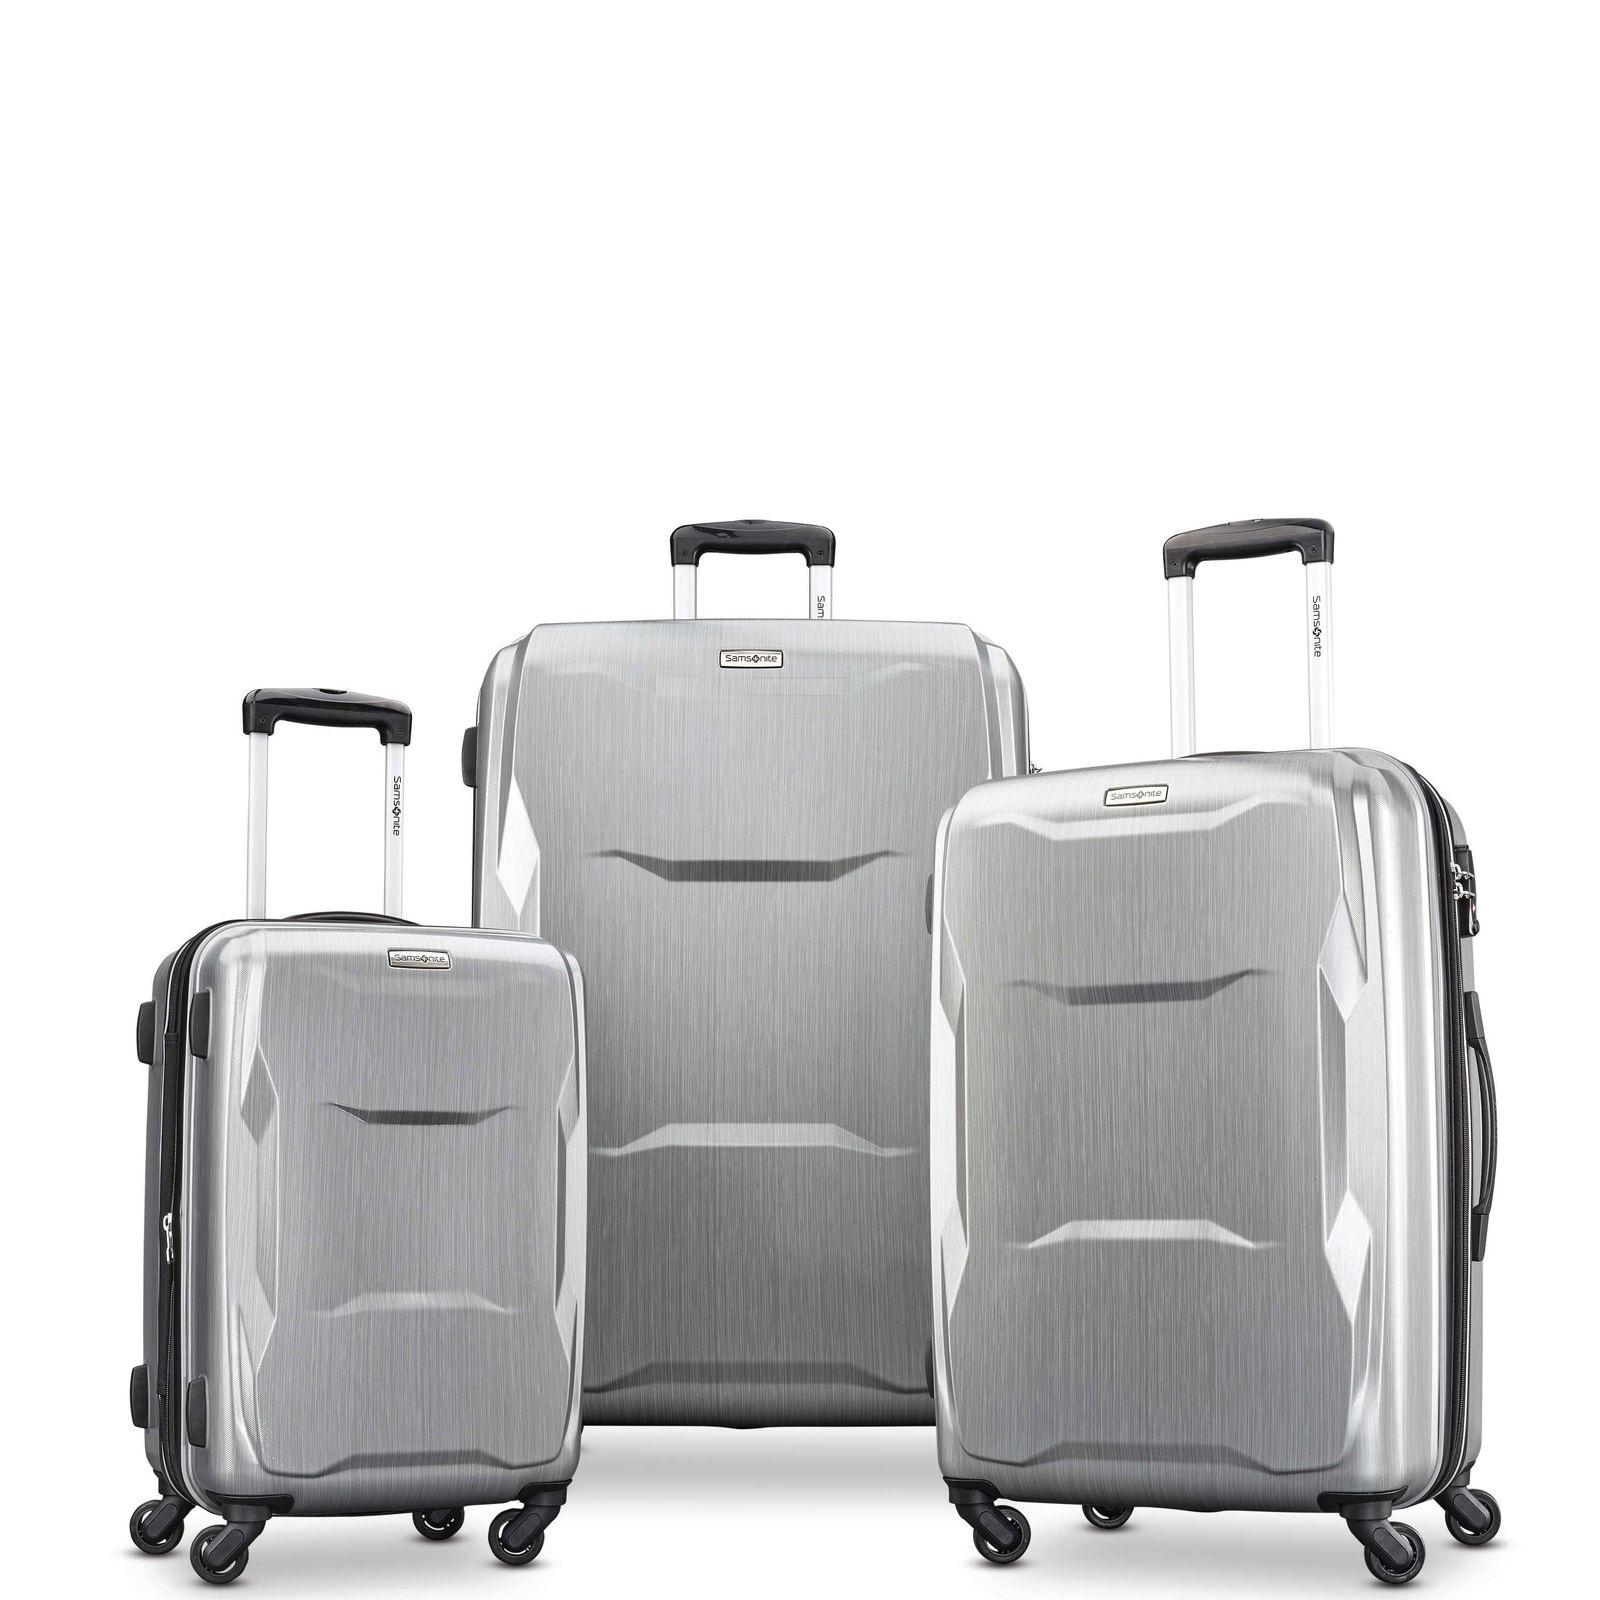 多色可選!Samsonite 新秀麗 Pivot 行李箱拉桿箱3件套 20寸+25寸+29寸